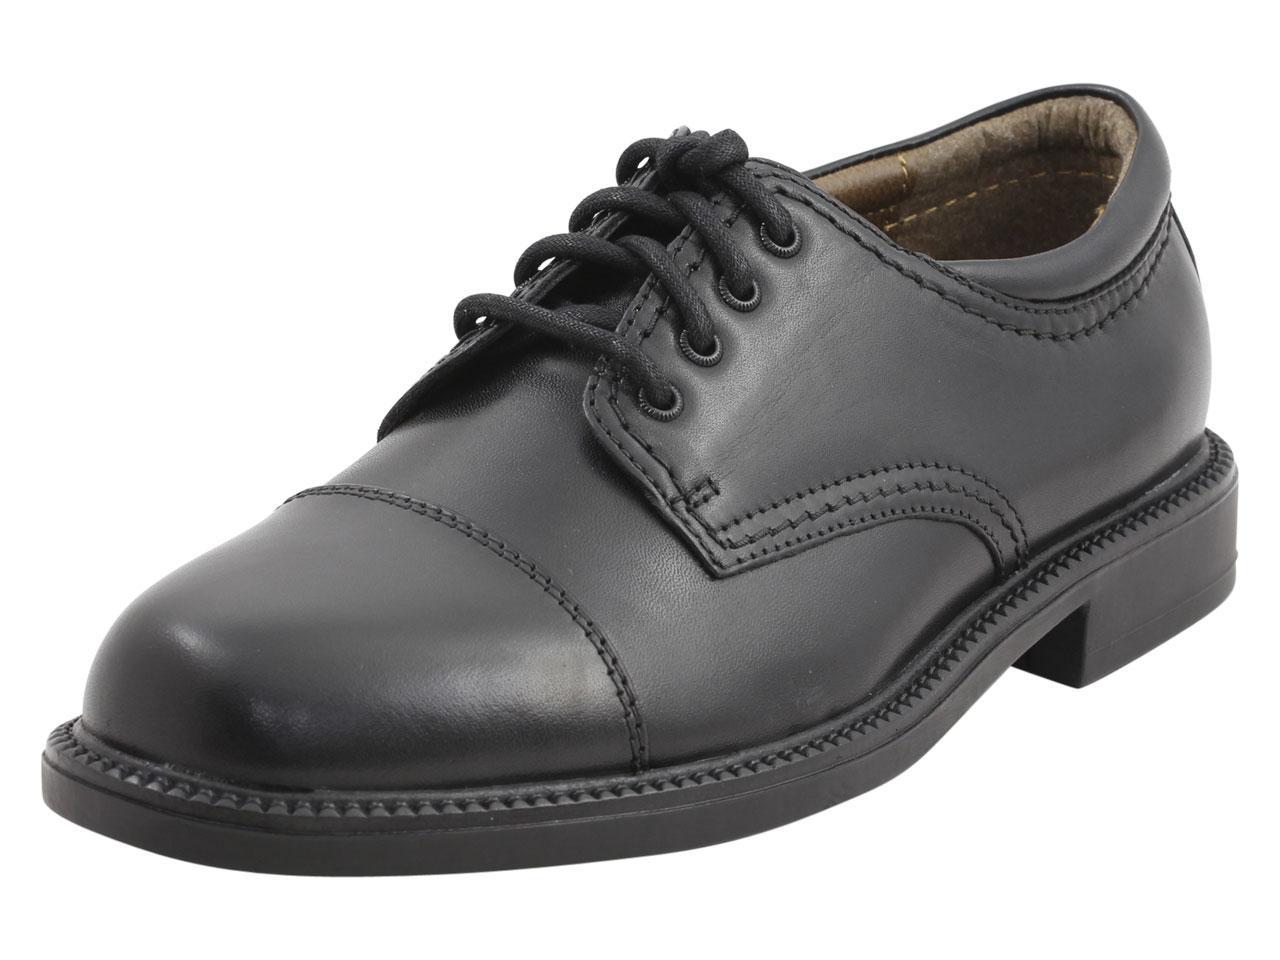 Image of Dockers Men's Gordon Cap Toe Oxfords Shoes - Black - 10 D(M) US